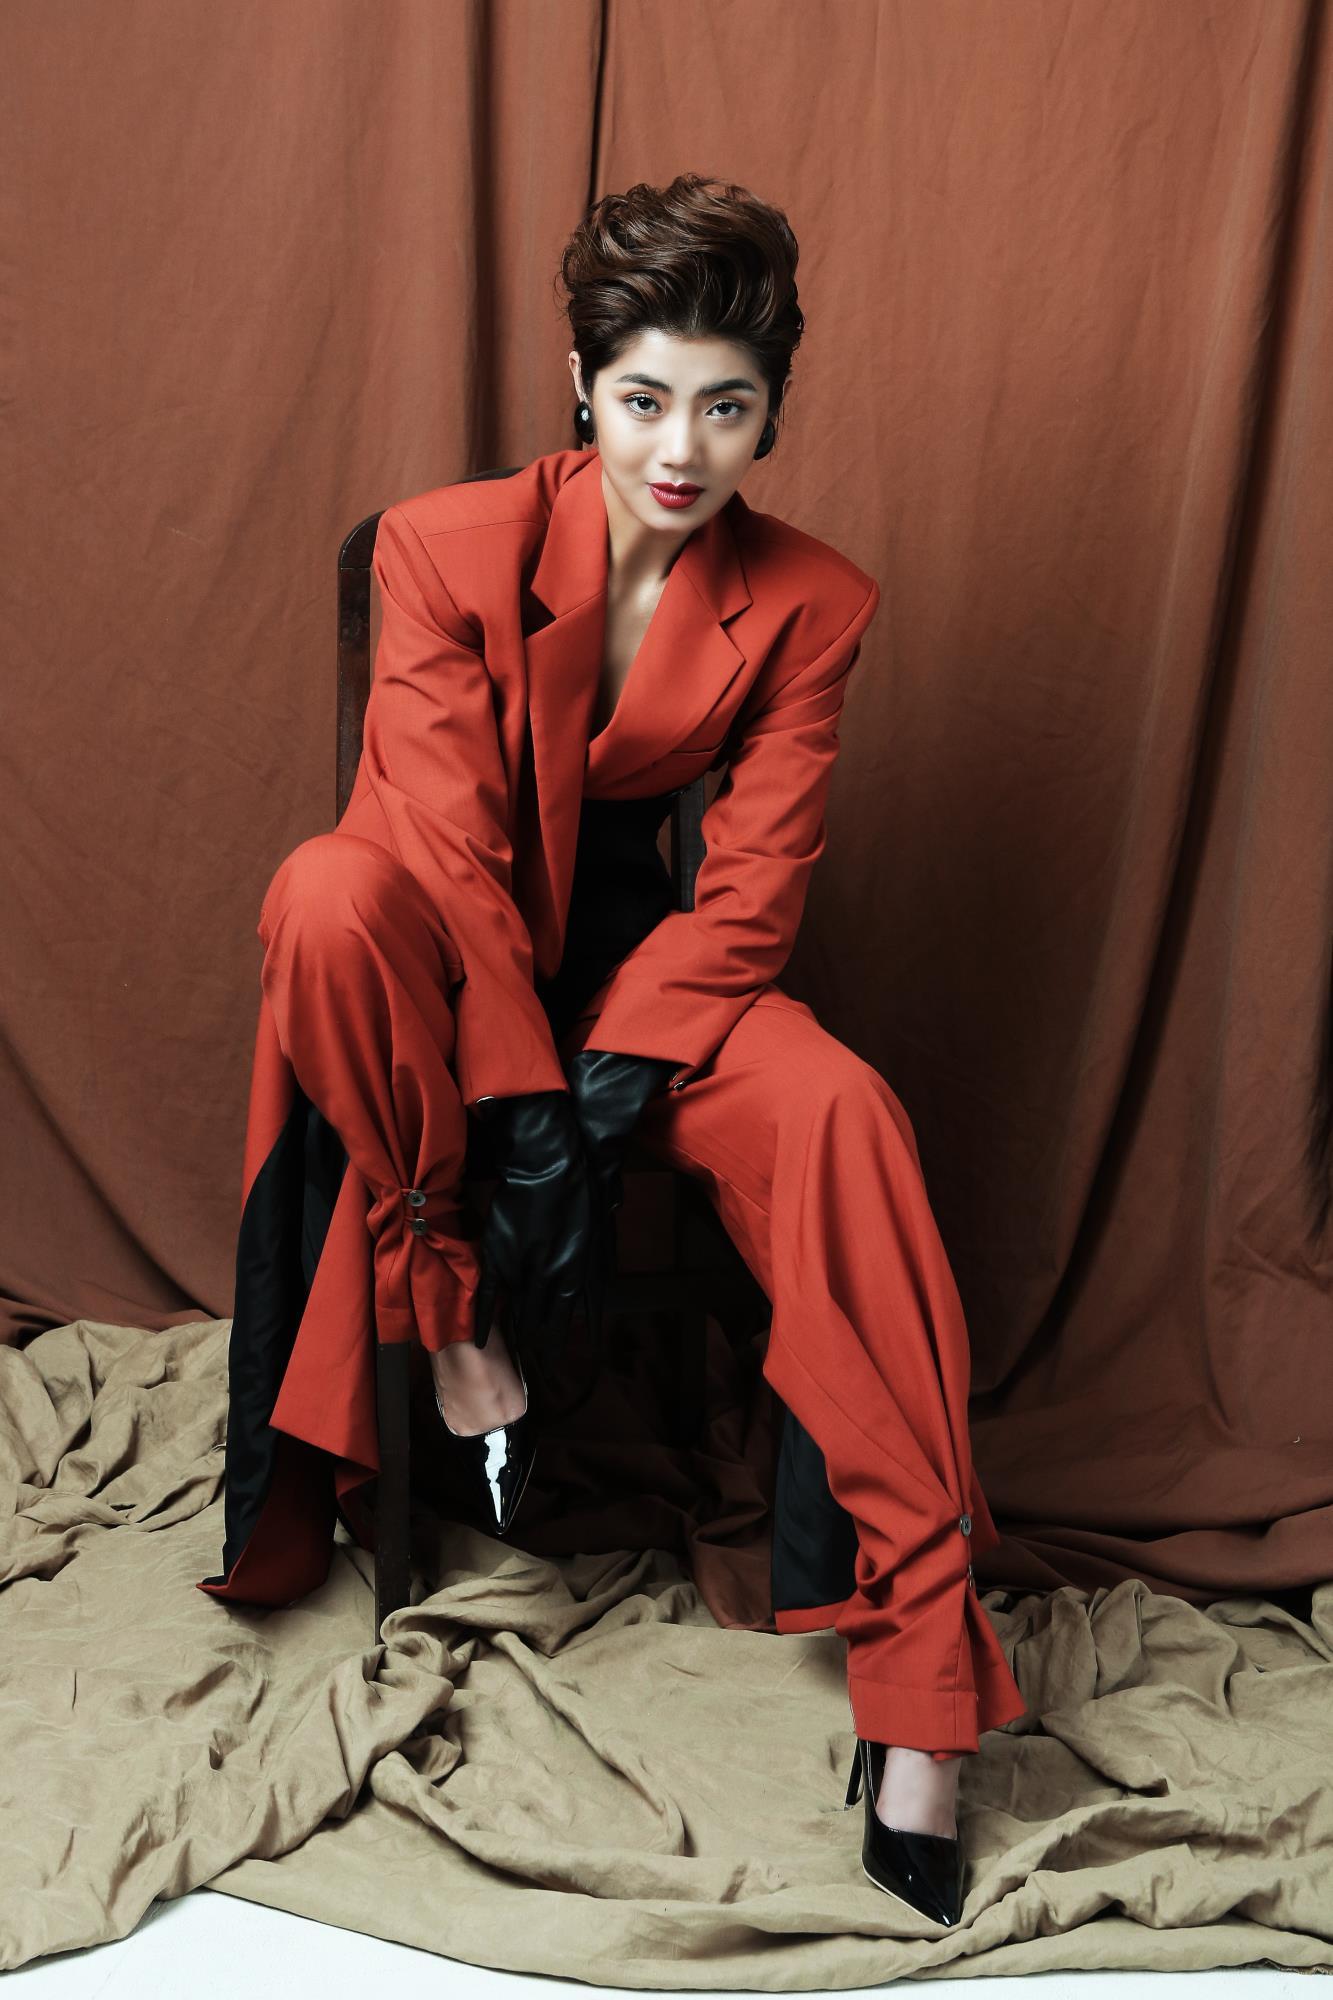 'Bạn gái cũ' của Karik – Đàm Phương Linh khoe vòng 1 'lấp ló' gợi cảm trong những thiết kế high fashion - Ảnh 1